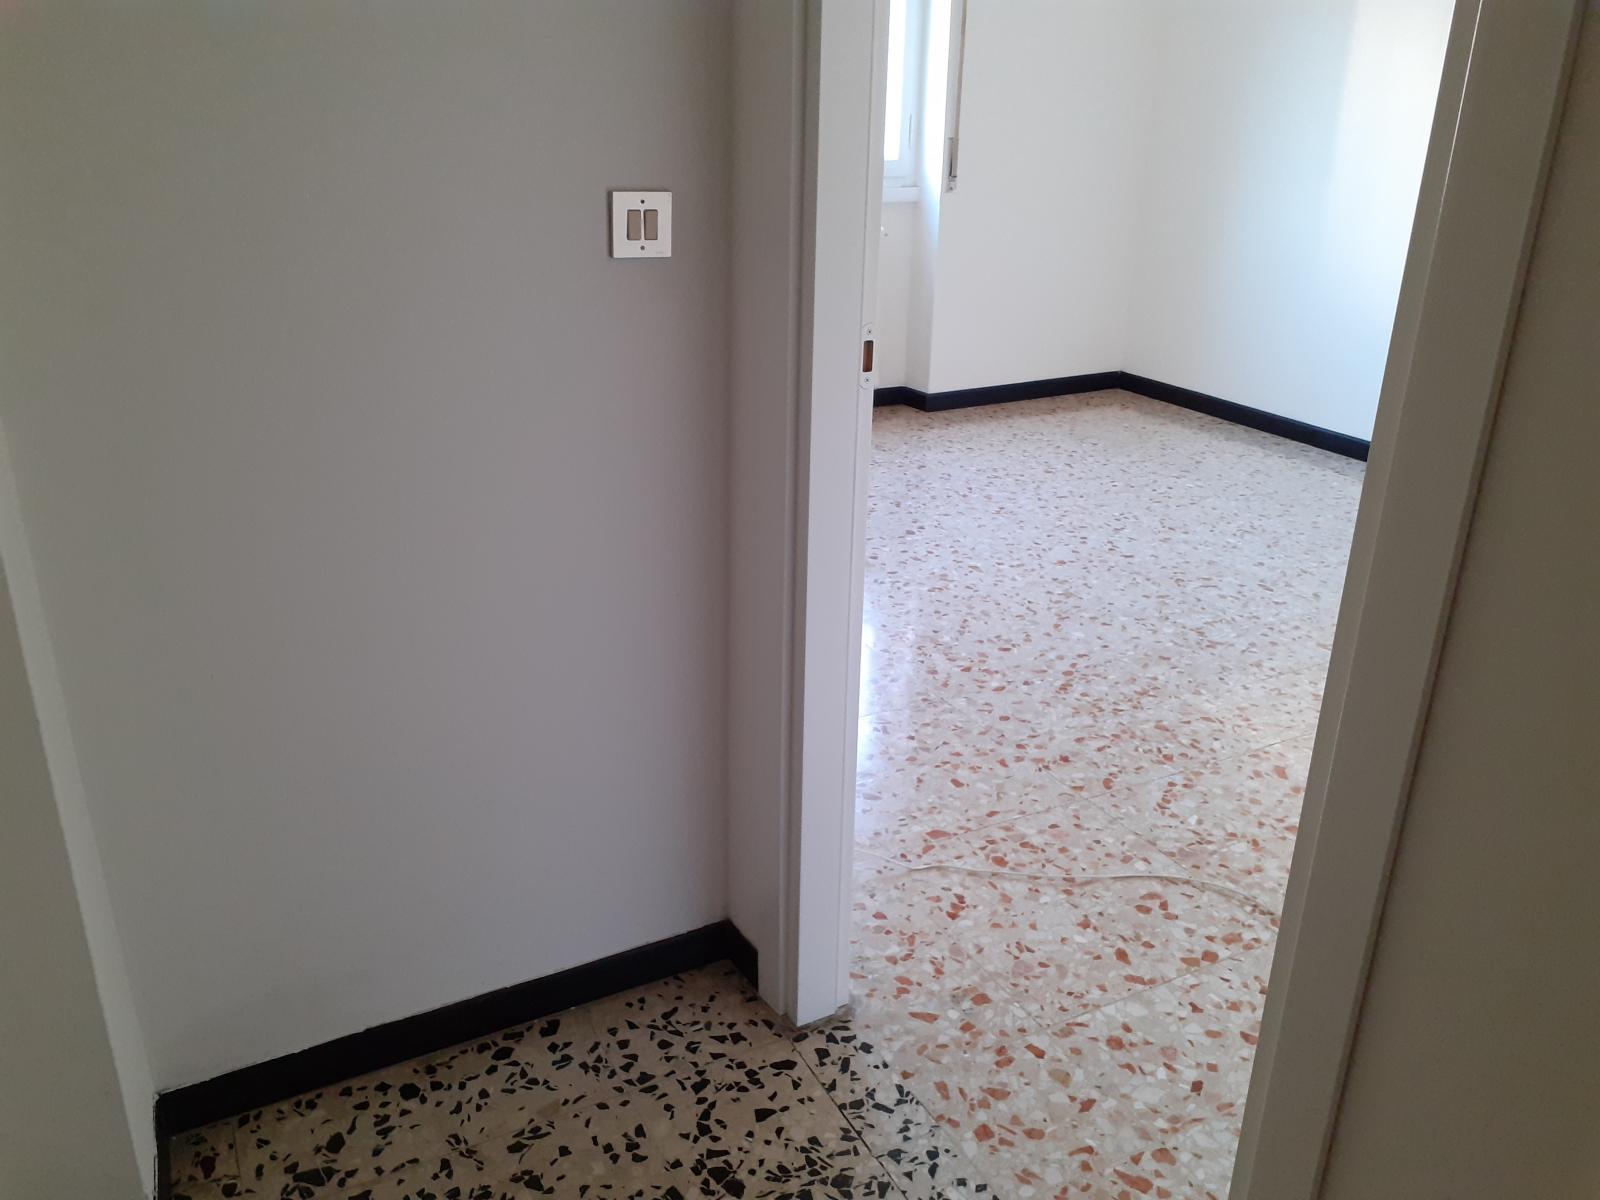 appartamento-in-vendita-a-milano-baggio-via-bagarotti-spaziourbano-immobiliare-vende-2-locali-5